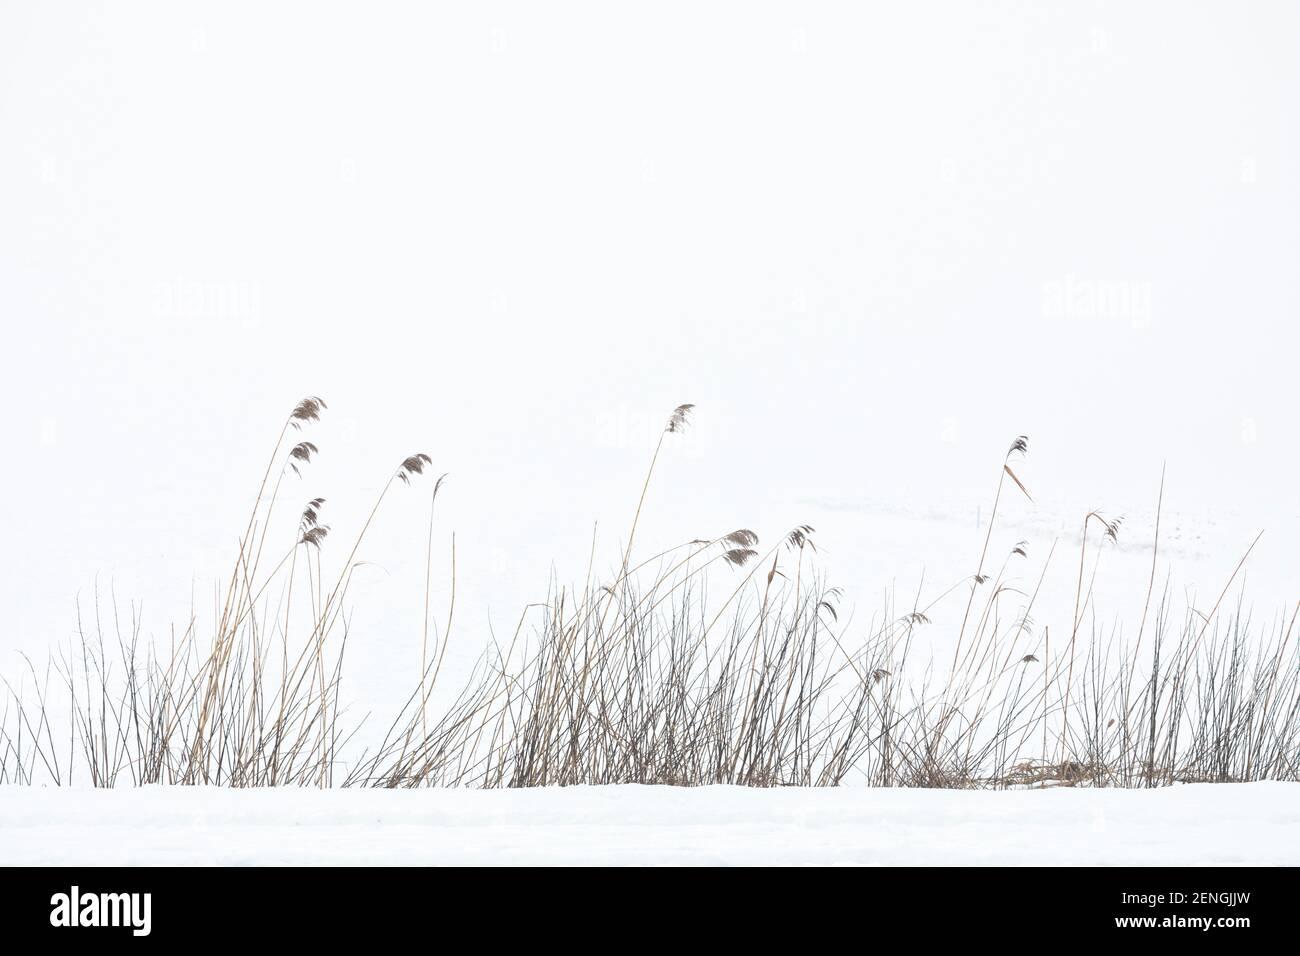 Paysage d'hiver. Roseau au bord d'un champ couvert de neige dans la brume matinale. Banque D'Images